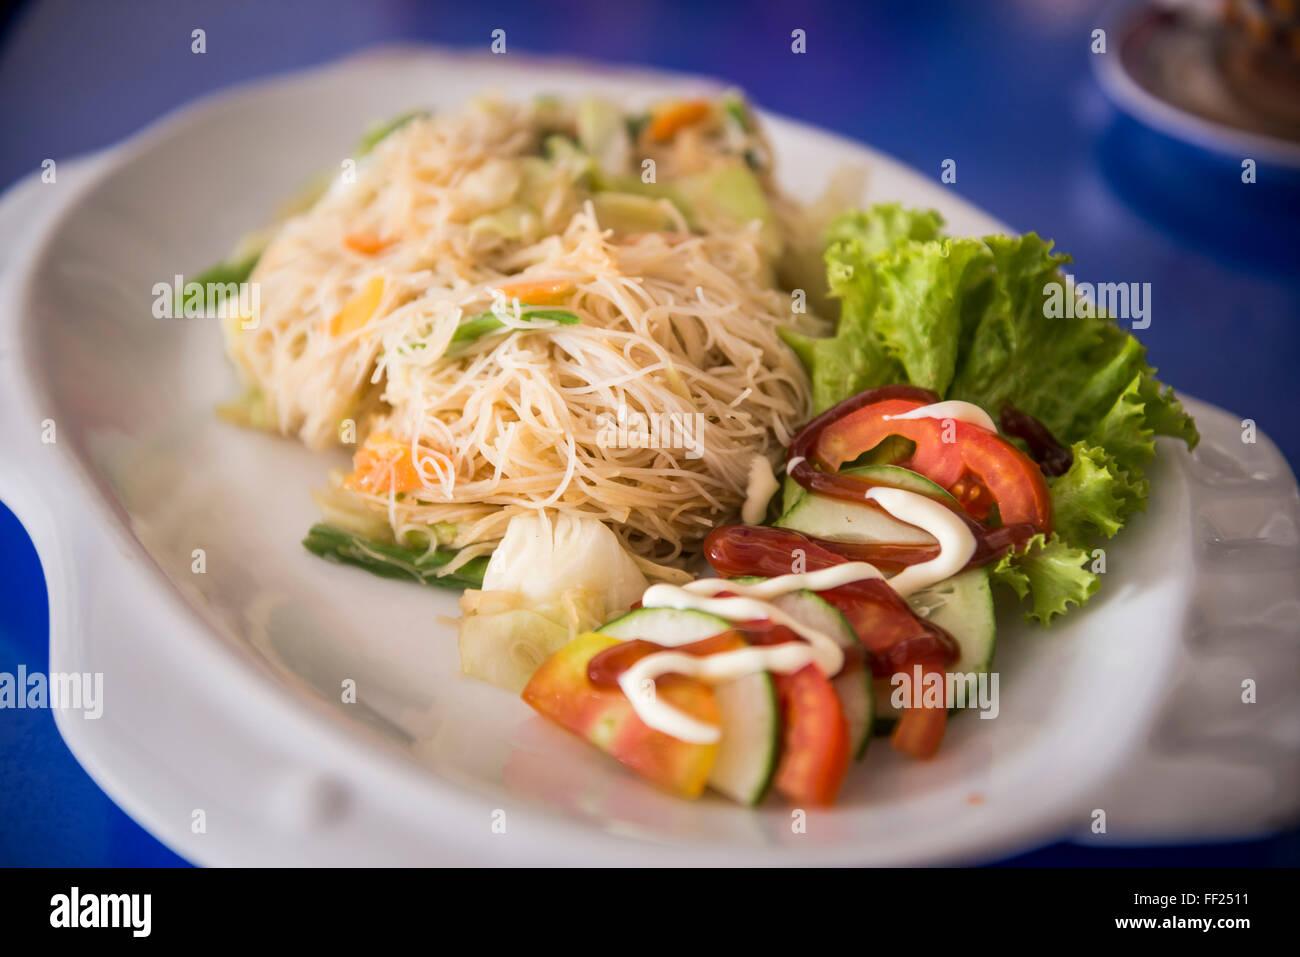 Birmanie Carte Regions.Burmese Noodles Pyin Oo Lwin Pyin U Lwin Mandalay Region